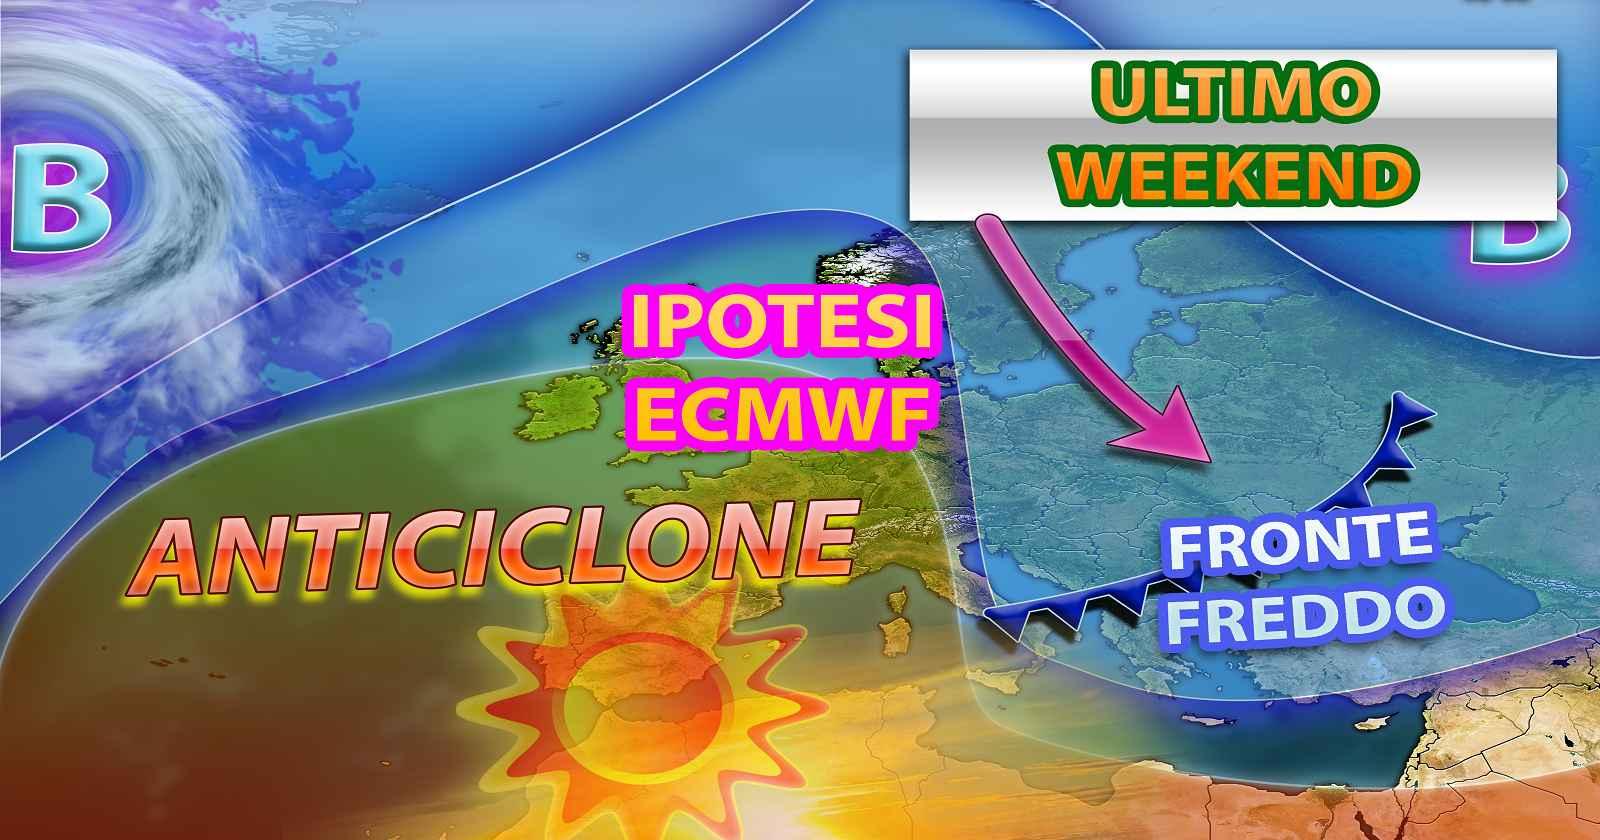 Ultimi aggiornamenti che avanzano l'ipotesi di un rapido fronte freddo nel weekend